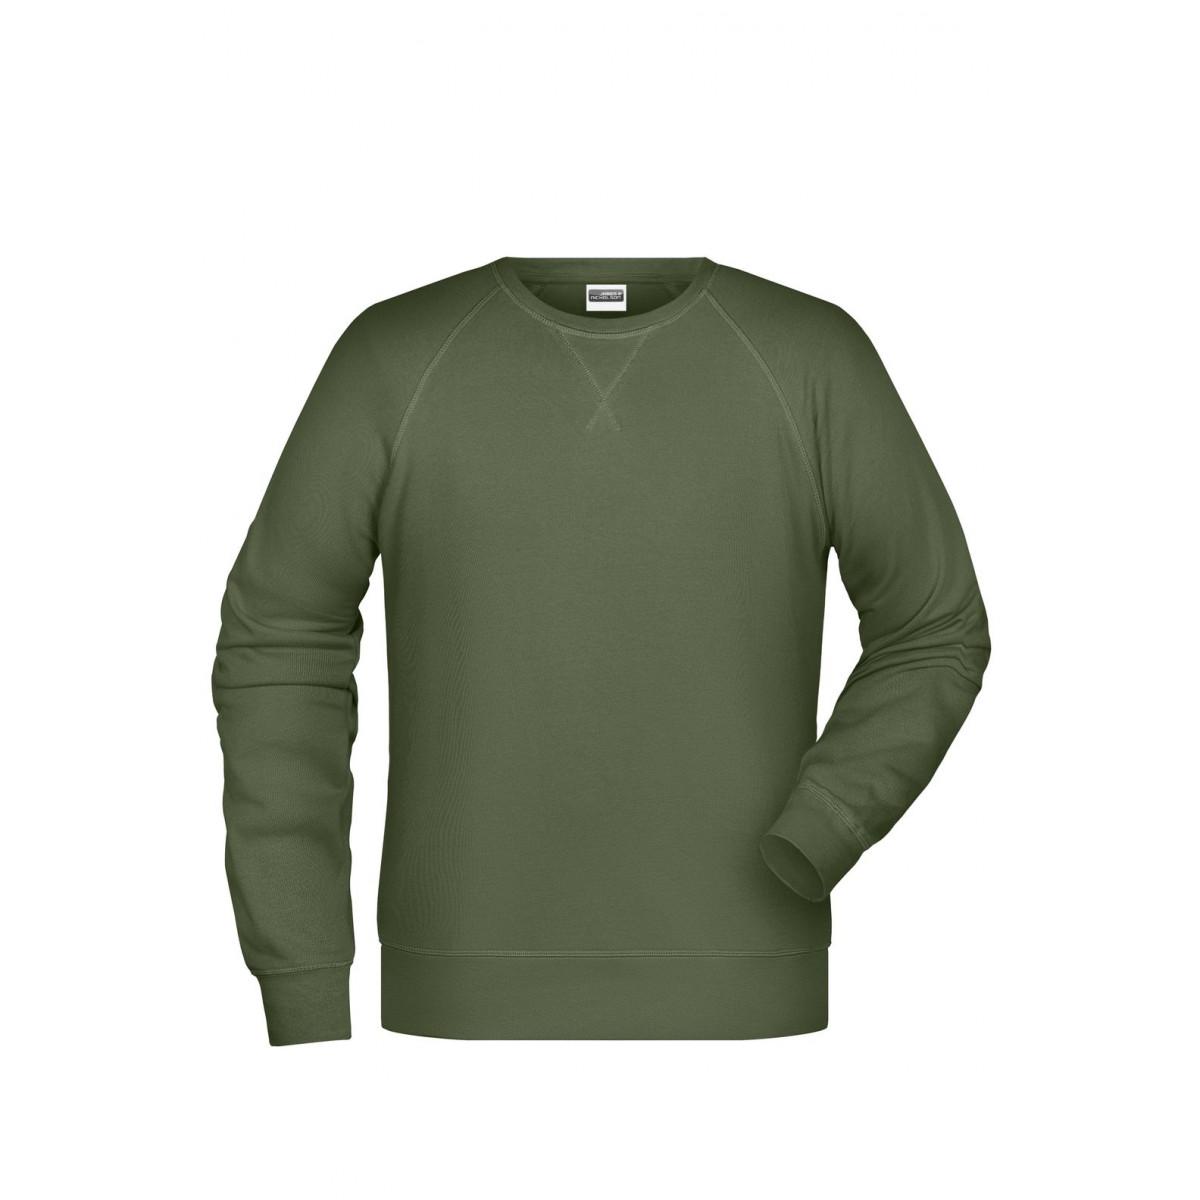 Толстовка мужская 8022 Men´s Sweat - Оливковый